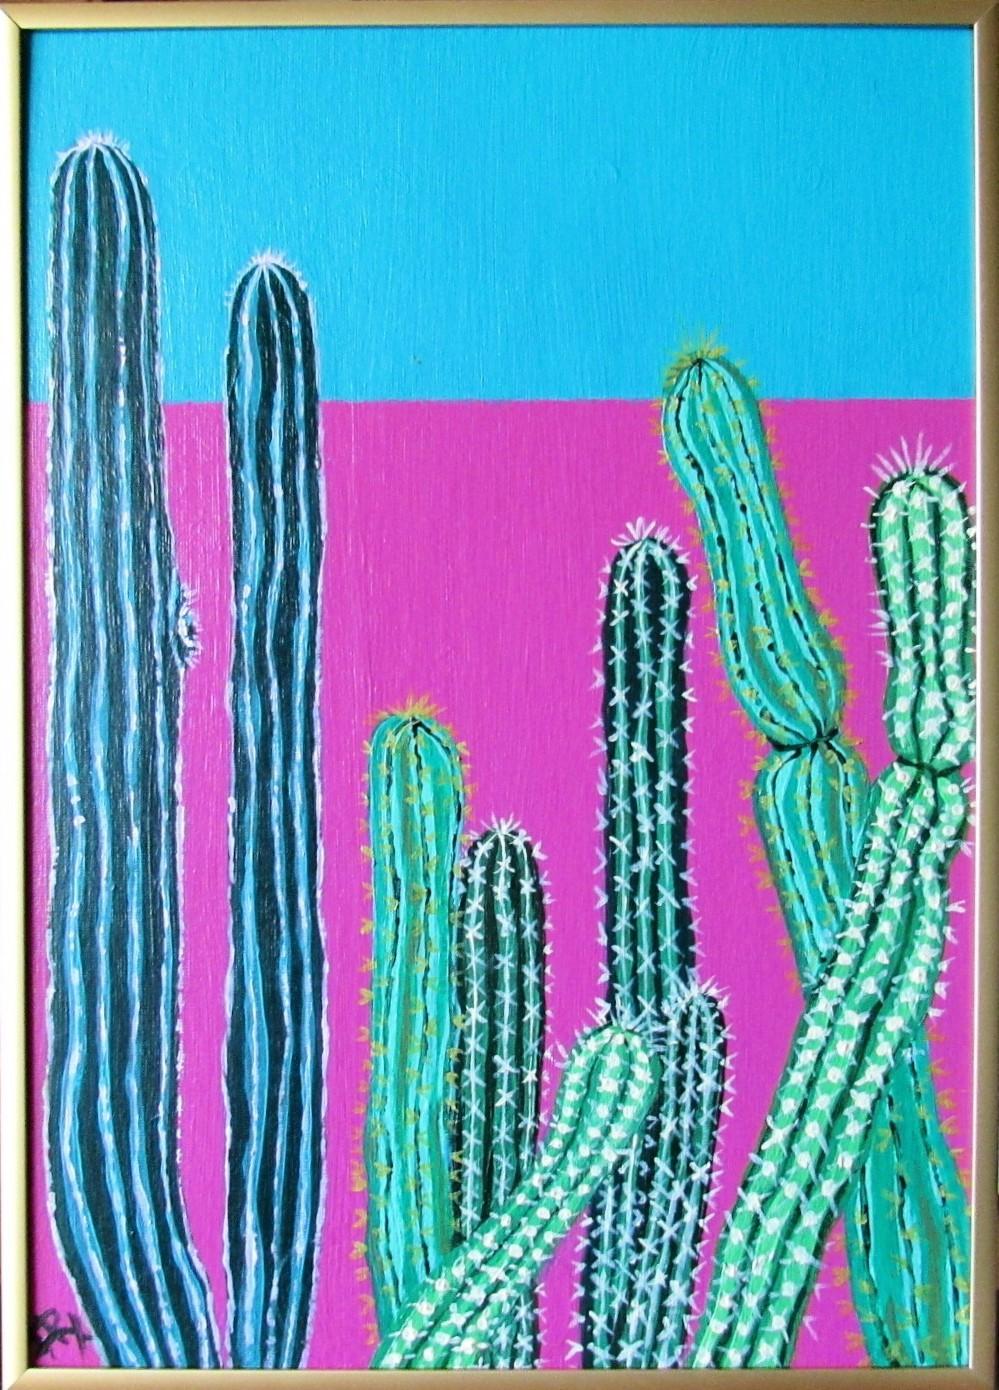 Cactus garden blue 11